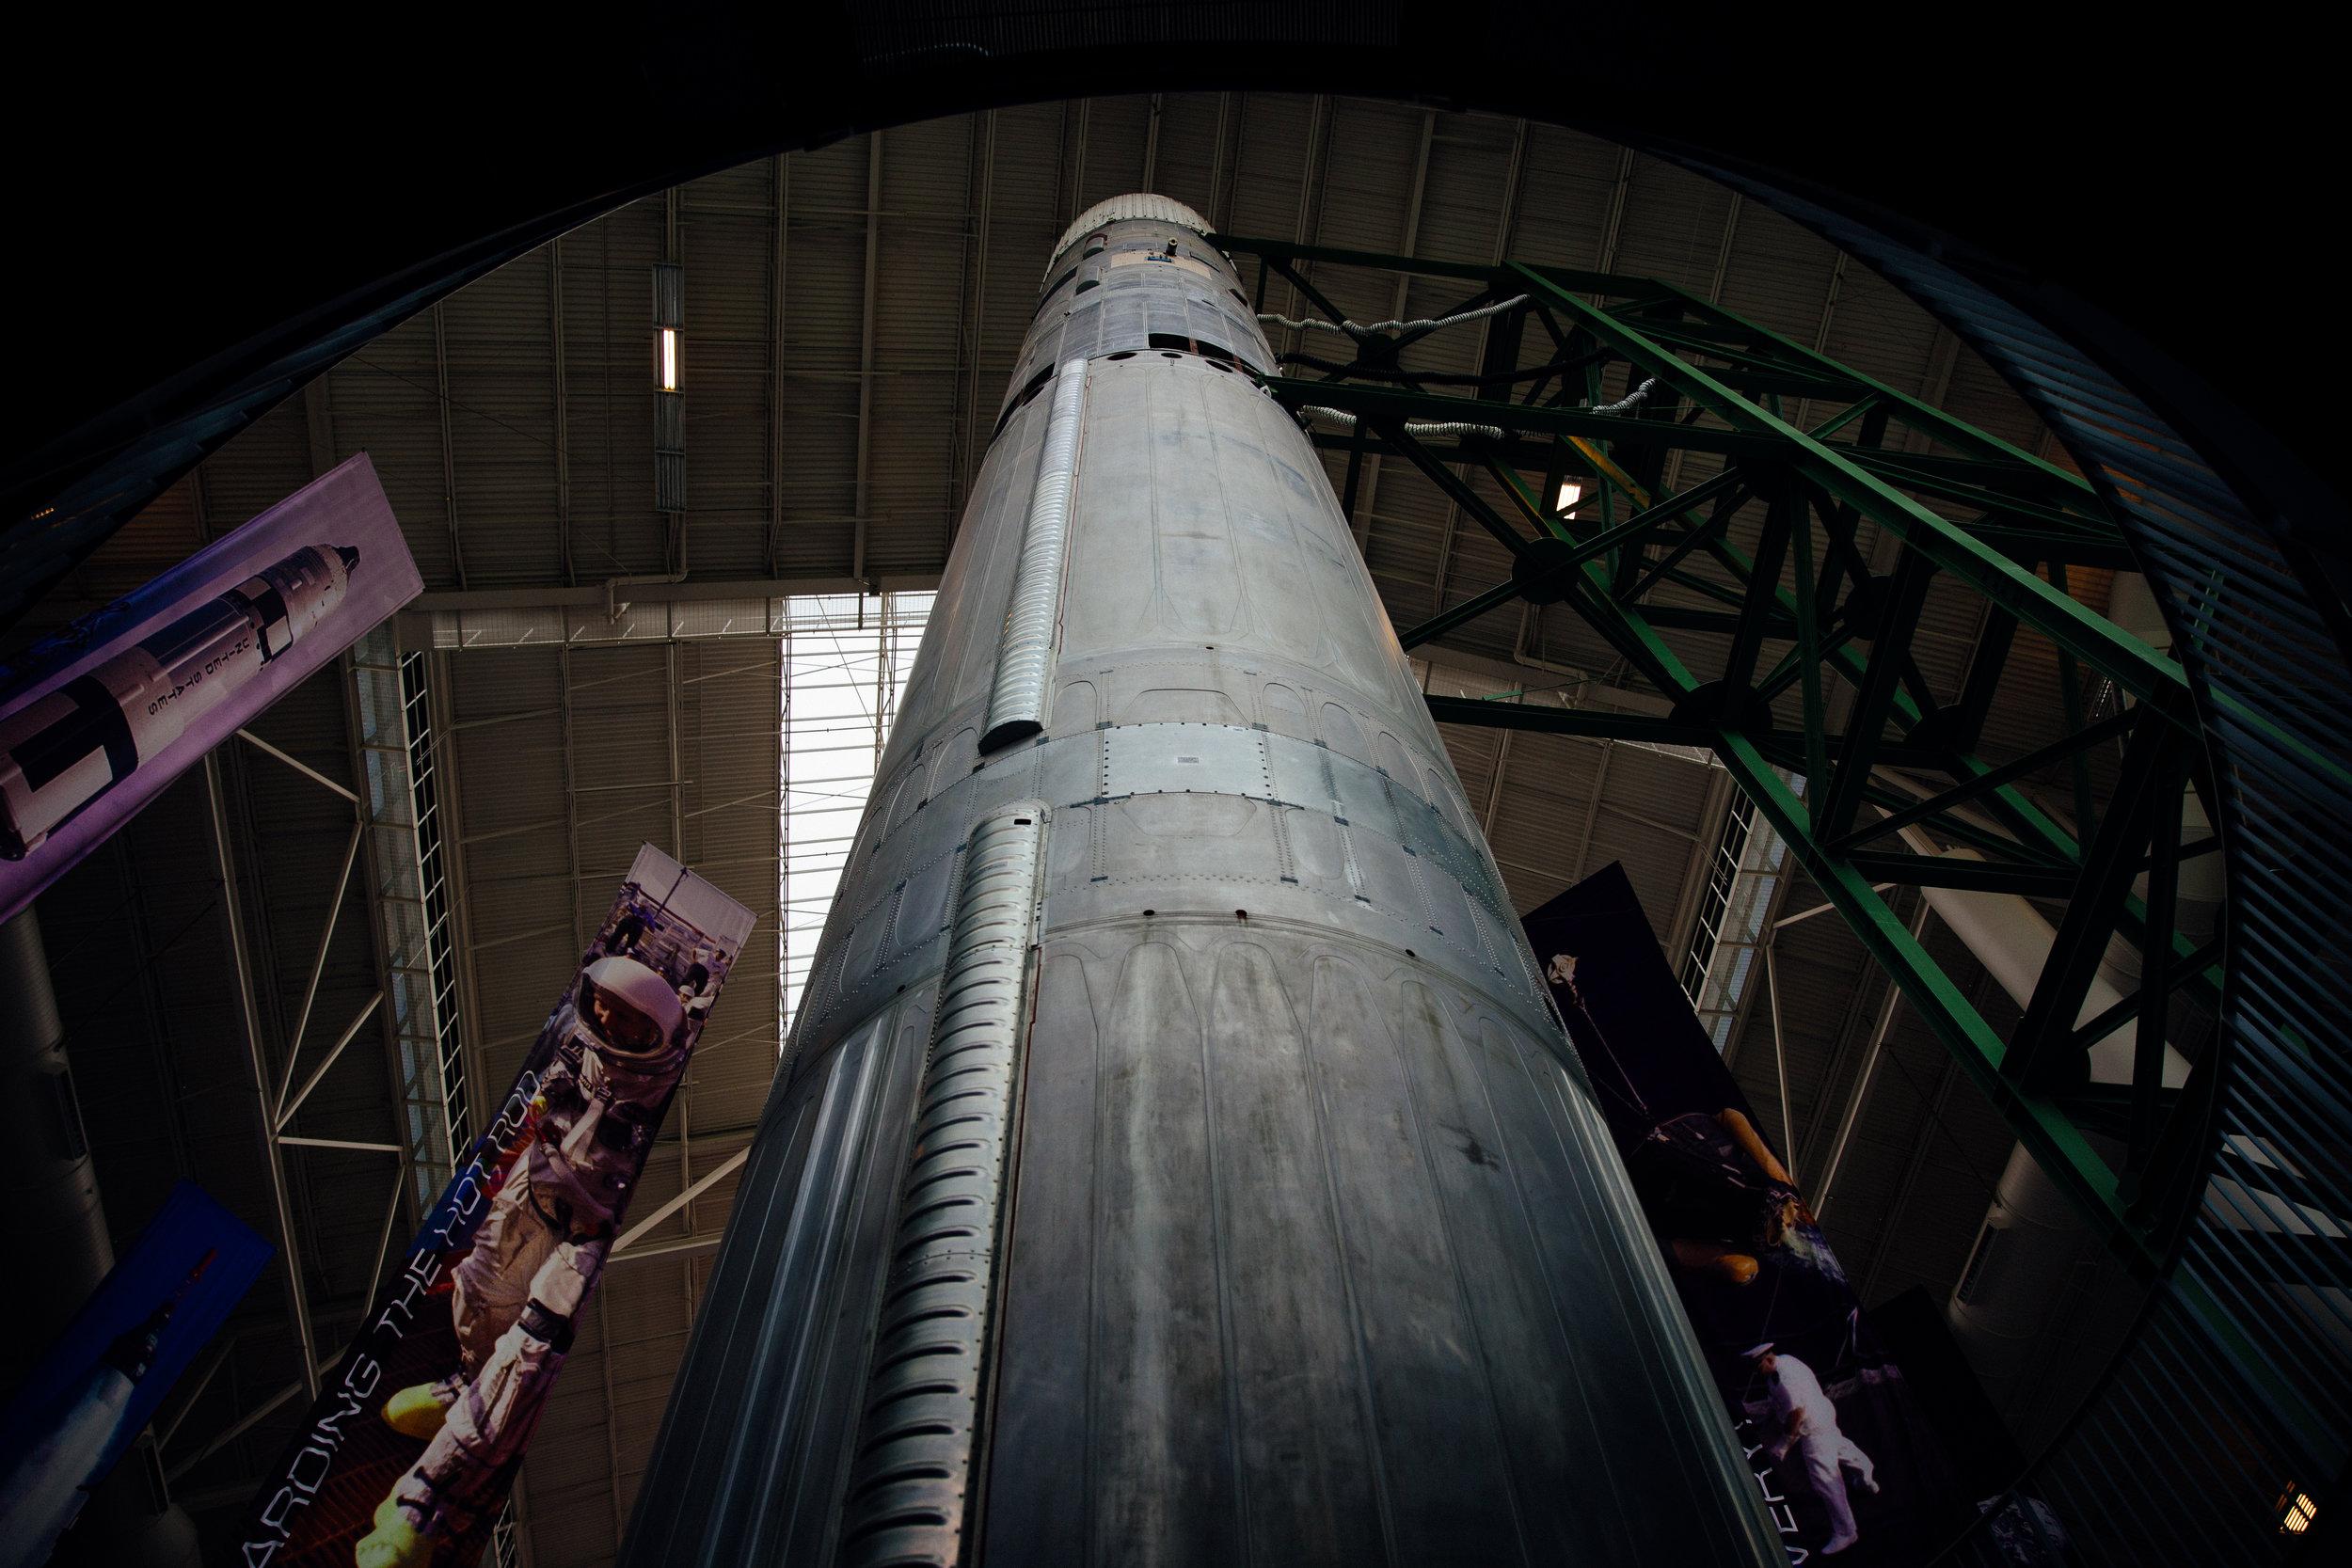 Titan II rocket in its silo